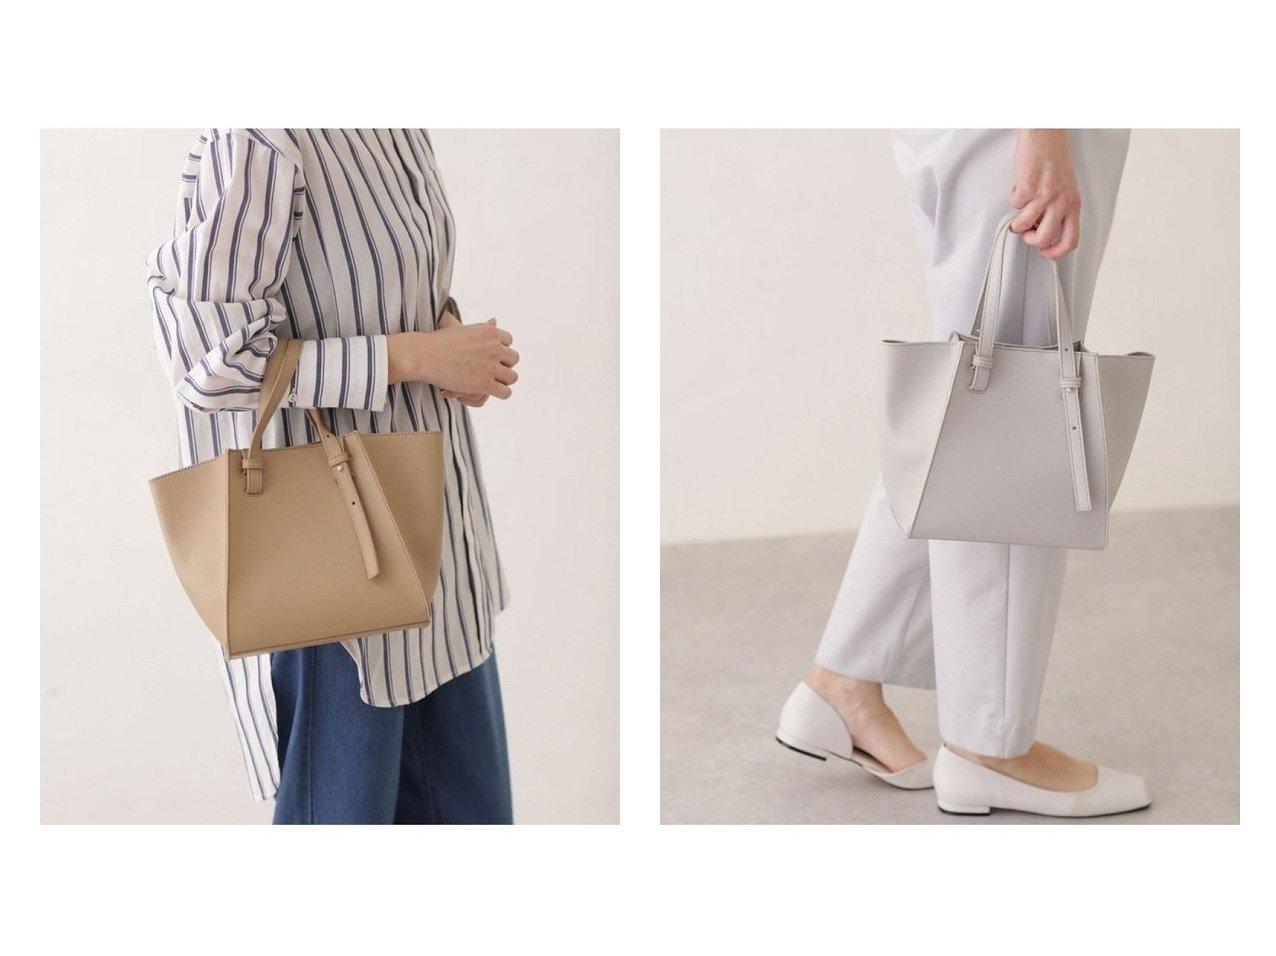 【nano universe/ナノ ユニバース】のWEB限定/カシメハンドルミニトートバッグ バッグ・鞄のおすすめ!人気、トレンド・レディースファッションの通販  おすすめで人気の流行・トレンド、ファッションの通販商品 メンズファッション・キッズファッション・インテリア・家具・レディースファッション・服の通販 founy(ファニー) https://founy.com/ ファッション Fashion レディースファッション WOMEN バッグ Bag アシンメトリー シンプル フェイクレザー ポケット マグネット 再入荷 Restock/Back in Stock/Re Arrival NEW・新作・新着・新入荷 New Arrivals |ID:crp329100000015638